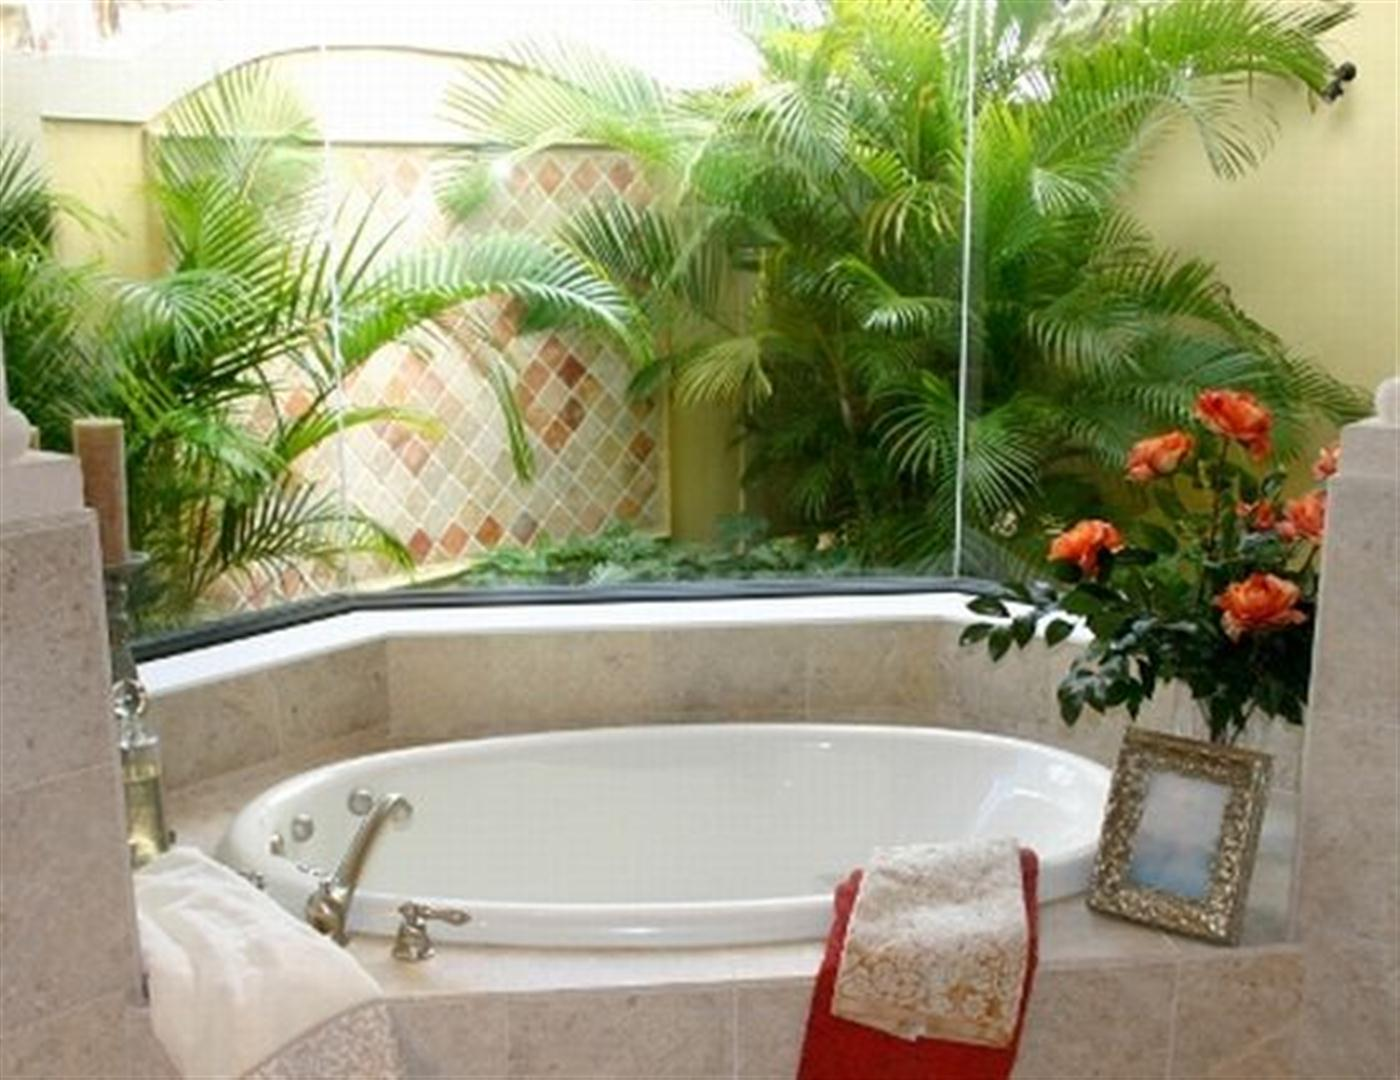 Decorar Un Baño Con Flores:Decoração e Projetos – Decoração de banheiros com plantas